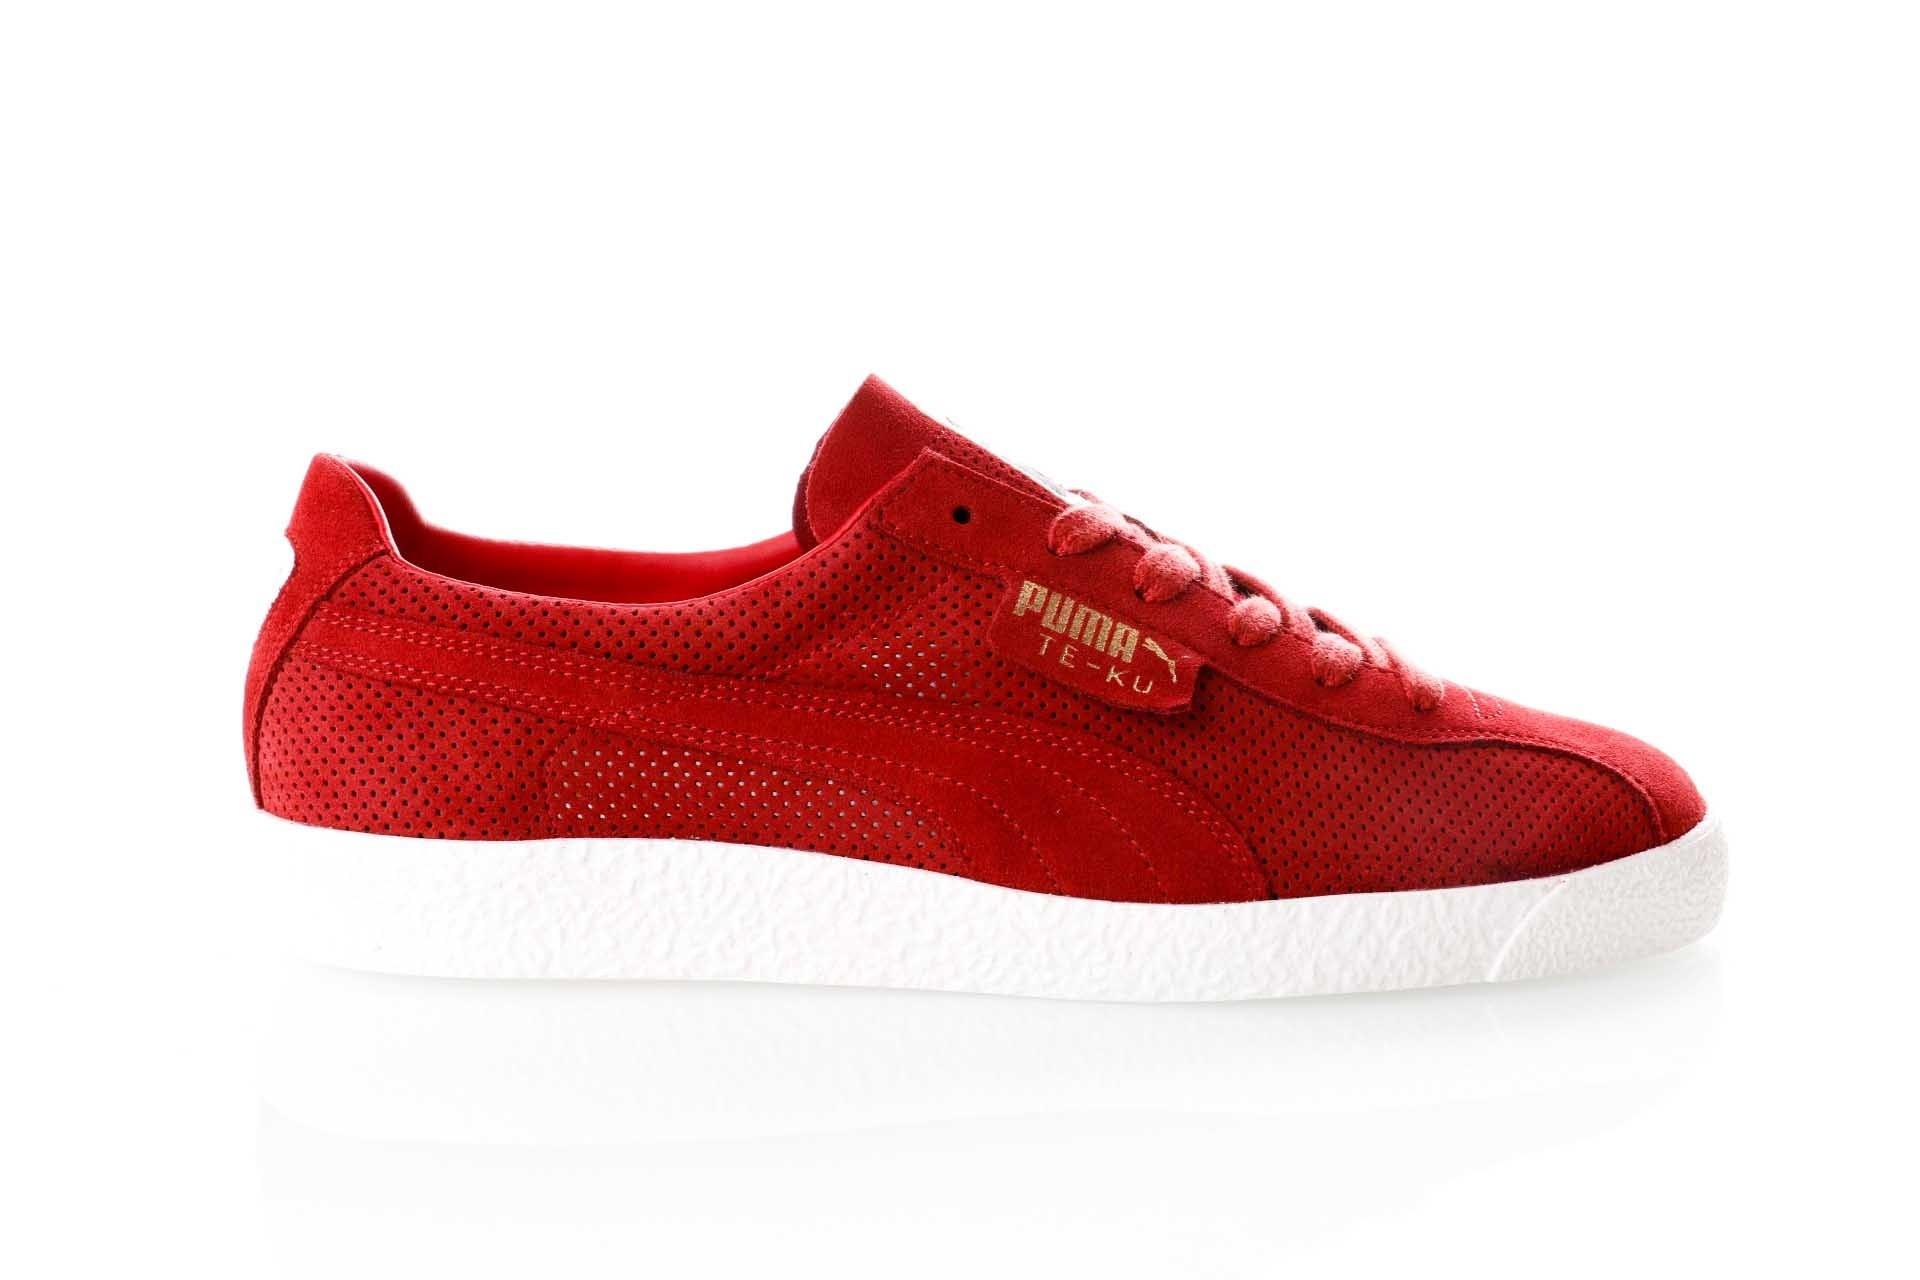 Foto van Puma Te-Ku Summer 365422 02 Sneakers Red Dahlia - Puma White